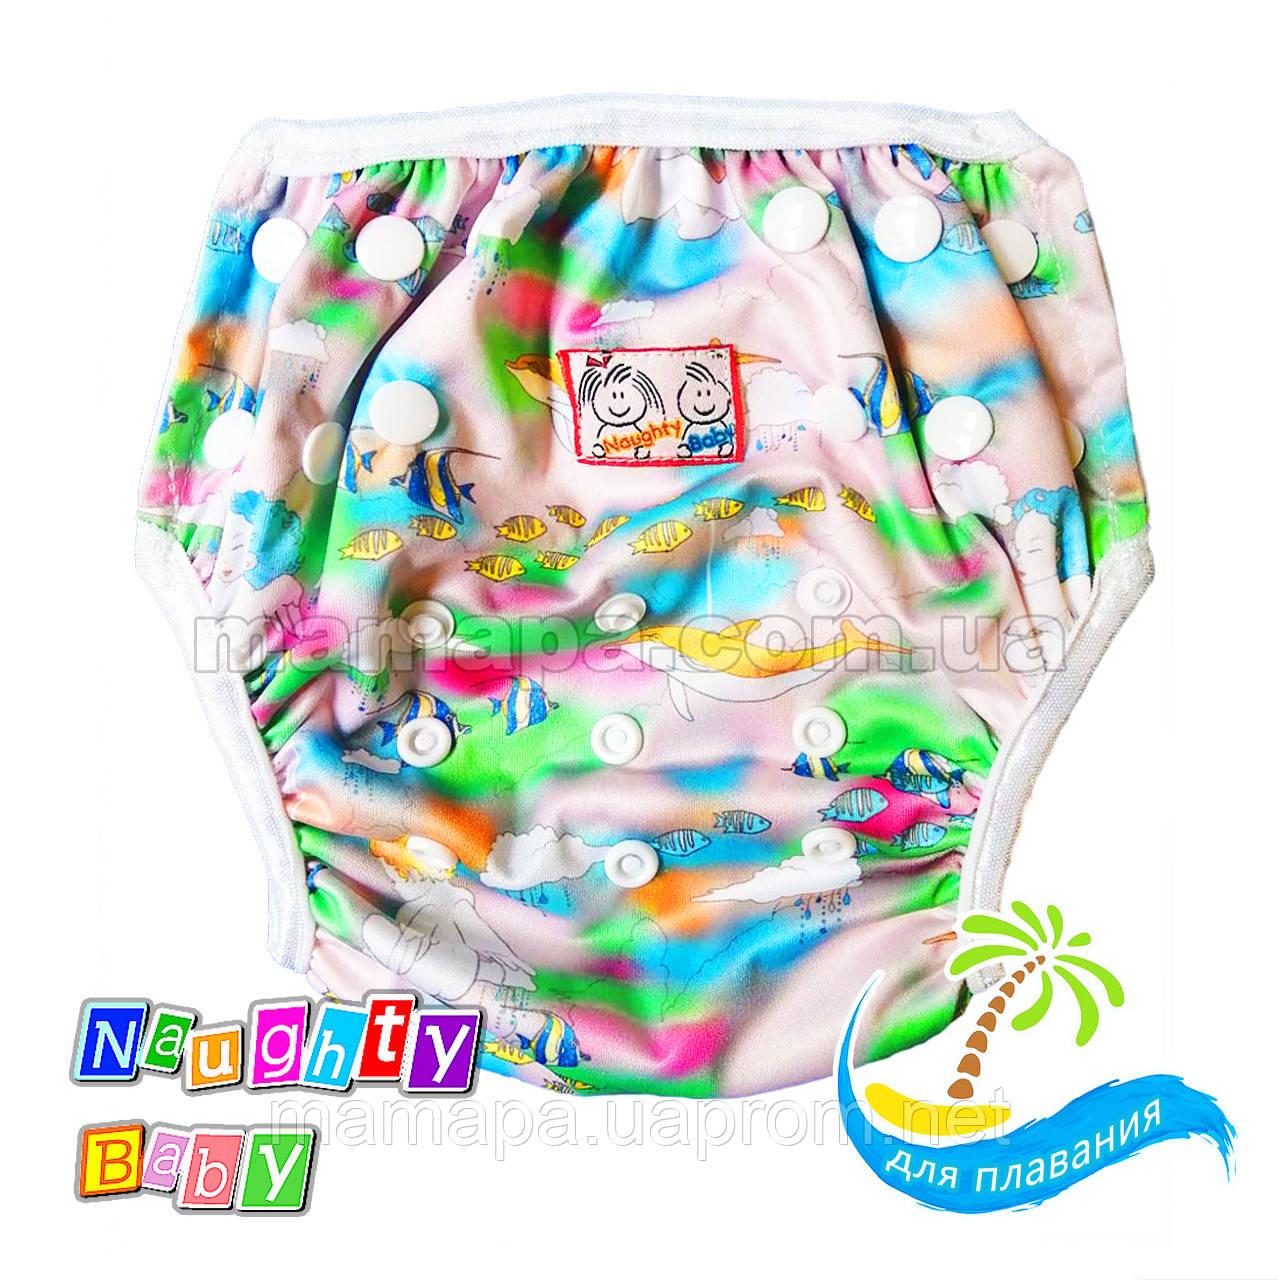 Многоразовые подгузники для плавания бассейна Naughty Baby для детей 3-16кг МОРЕ